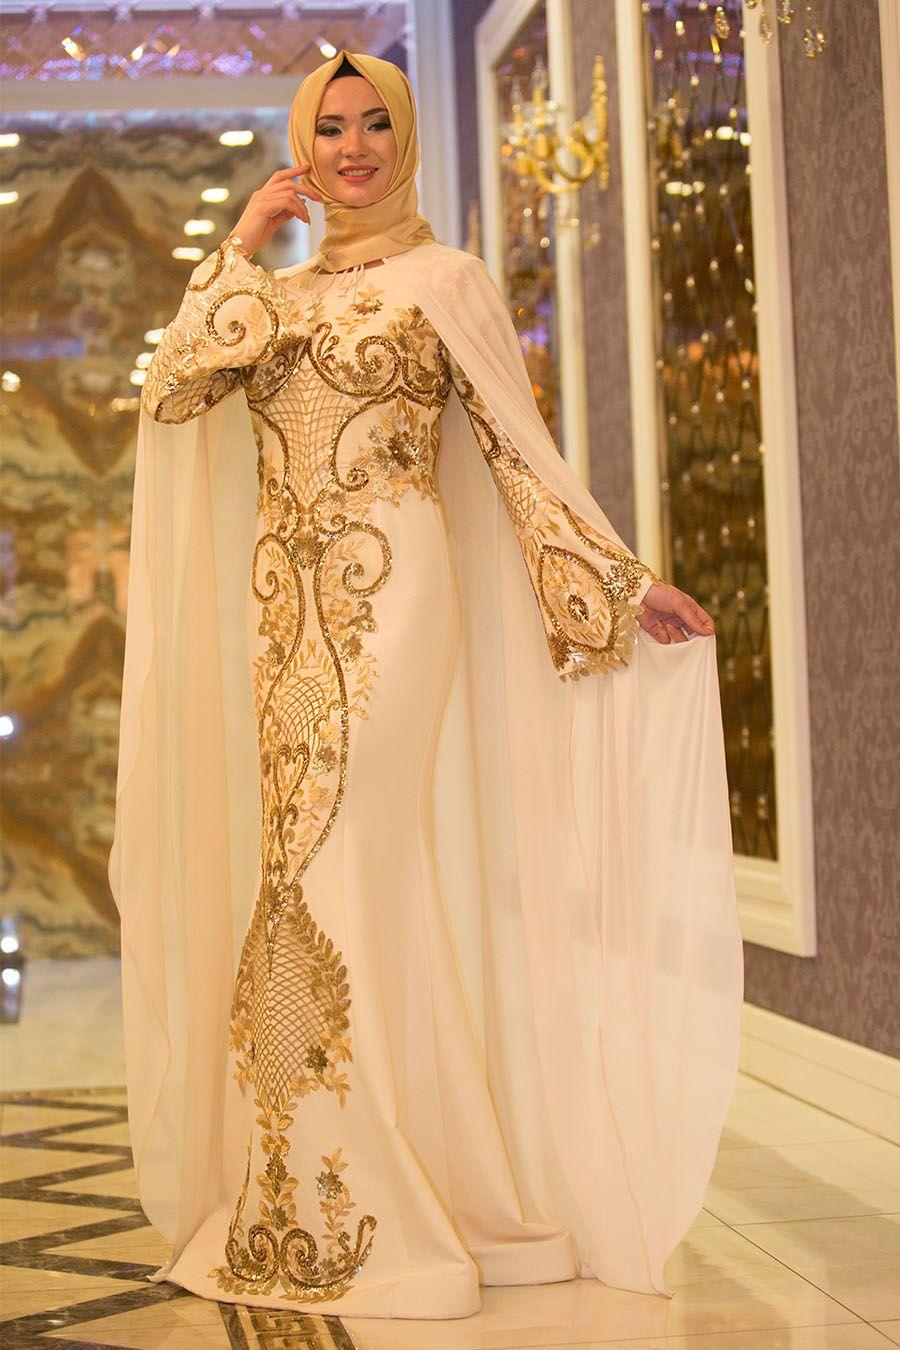 3230a181b9b7f 2018/2019 Yeni Sezon Özel Tasarım Abiye Koleksiyonu - Tesettürlü Abiye  Elbise - Pul Payetli